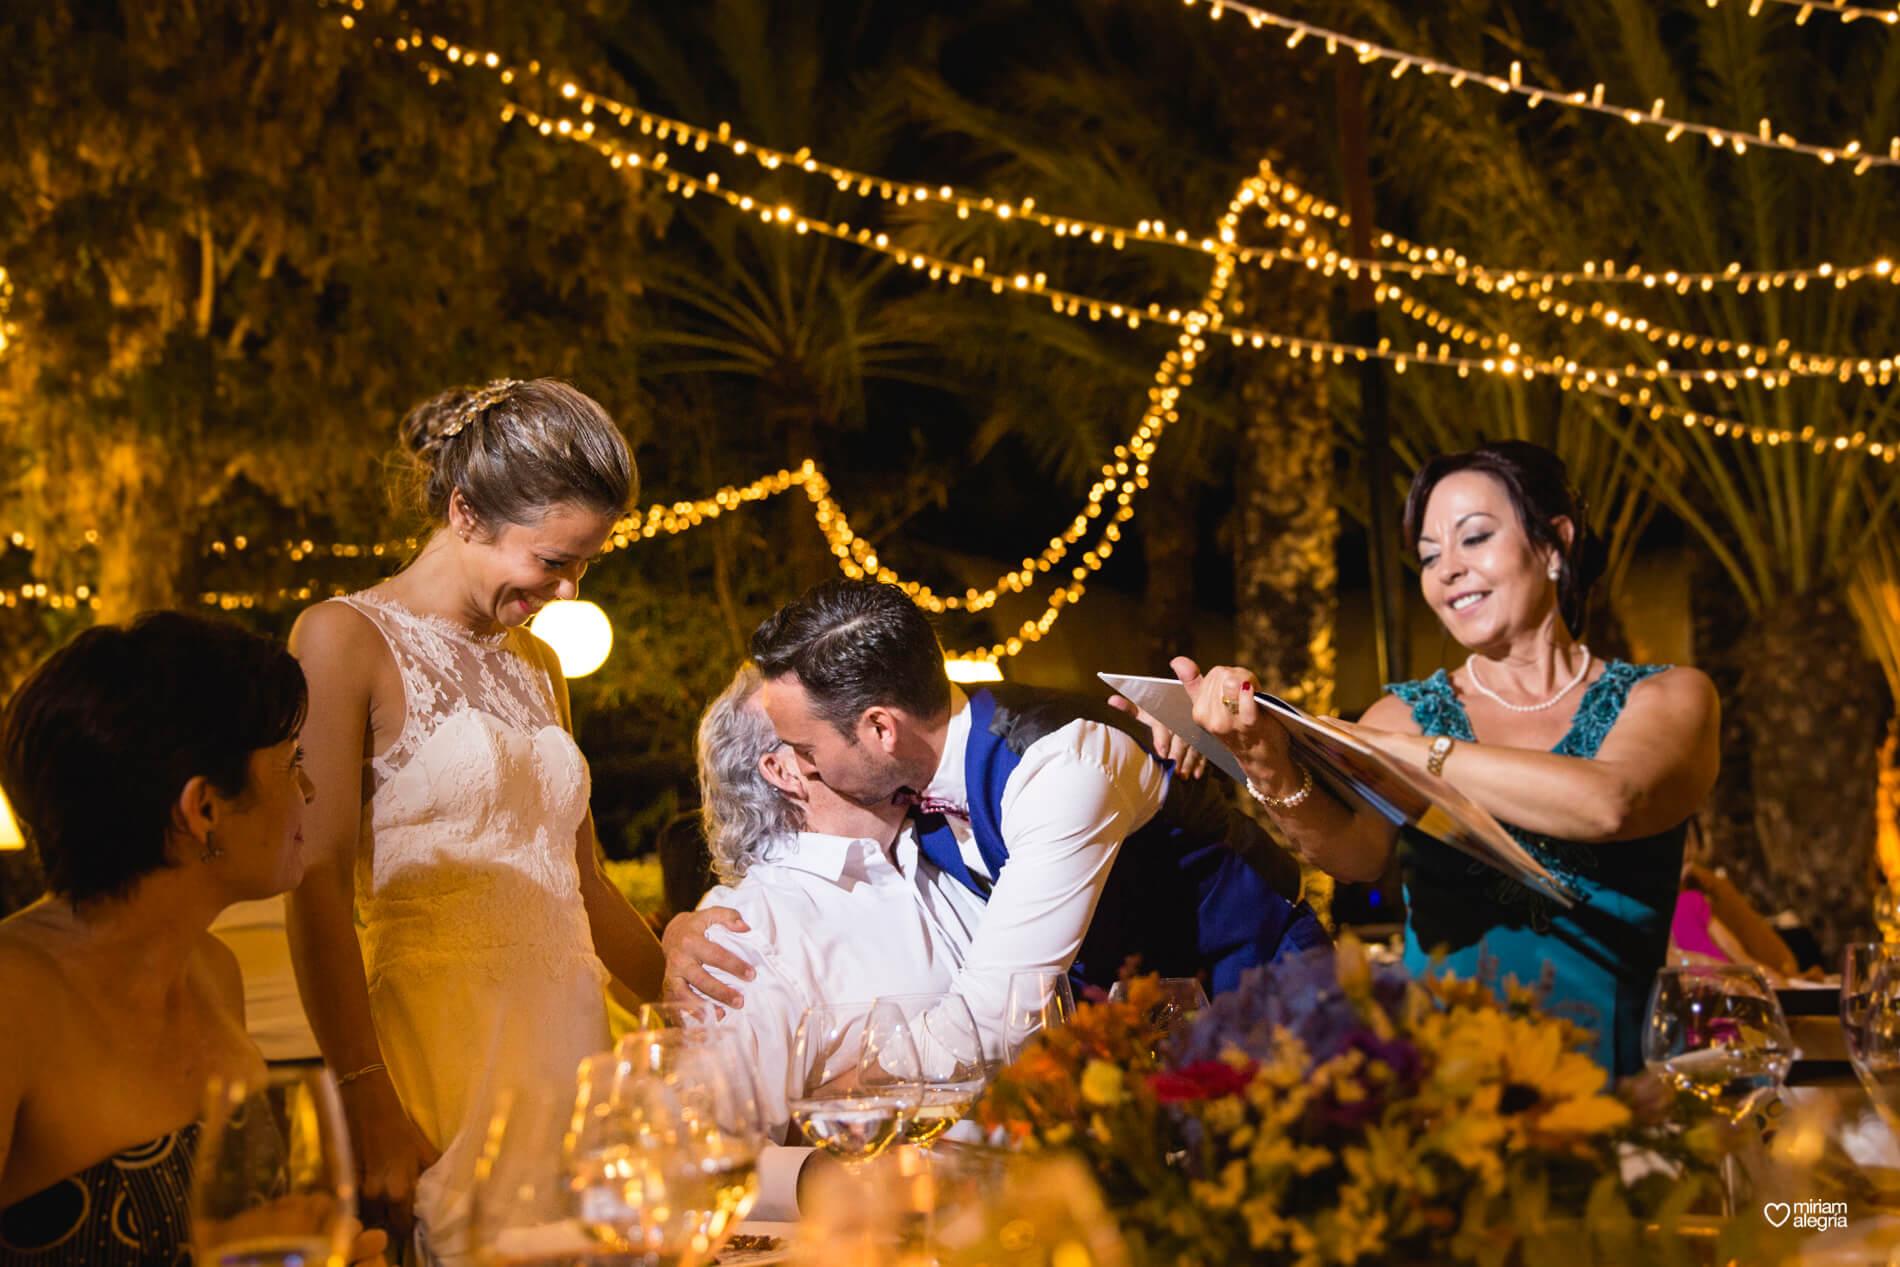 wedding-huerto-del-cura-elche-miriam-alegria-fotografos-boda-96